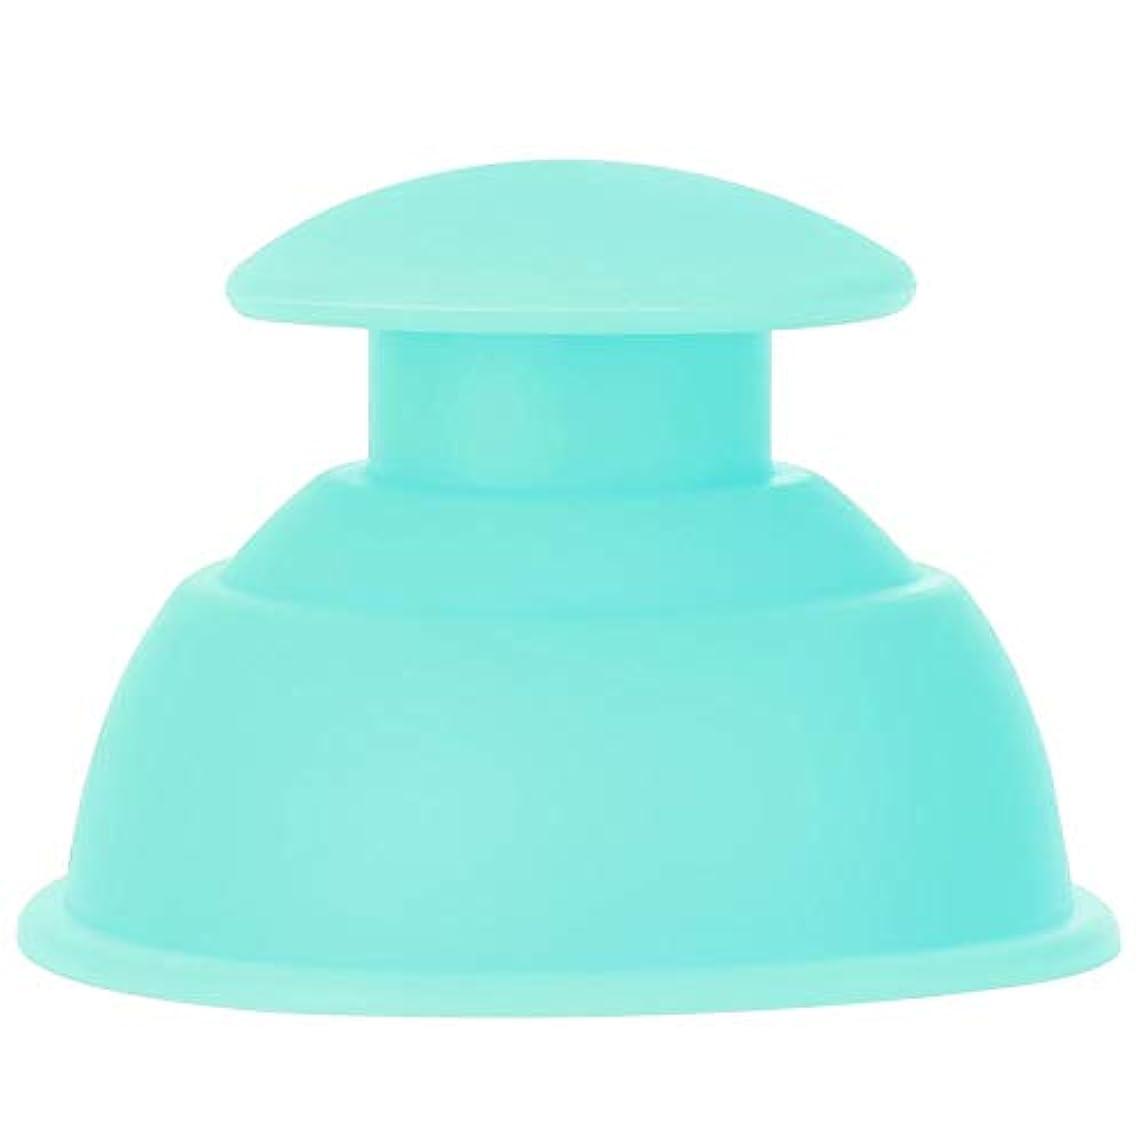 スーツケースパステル症候群7種類のカッピングカップマッサージセット、シリコーン水分吸収剤アンチセルライトバキュームによる 全身疲れの緩和(グリーン)